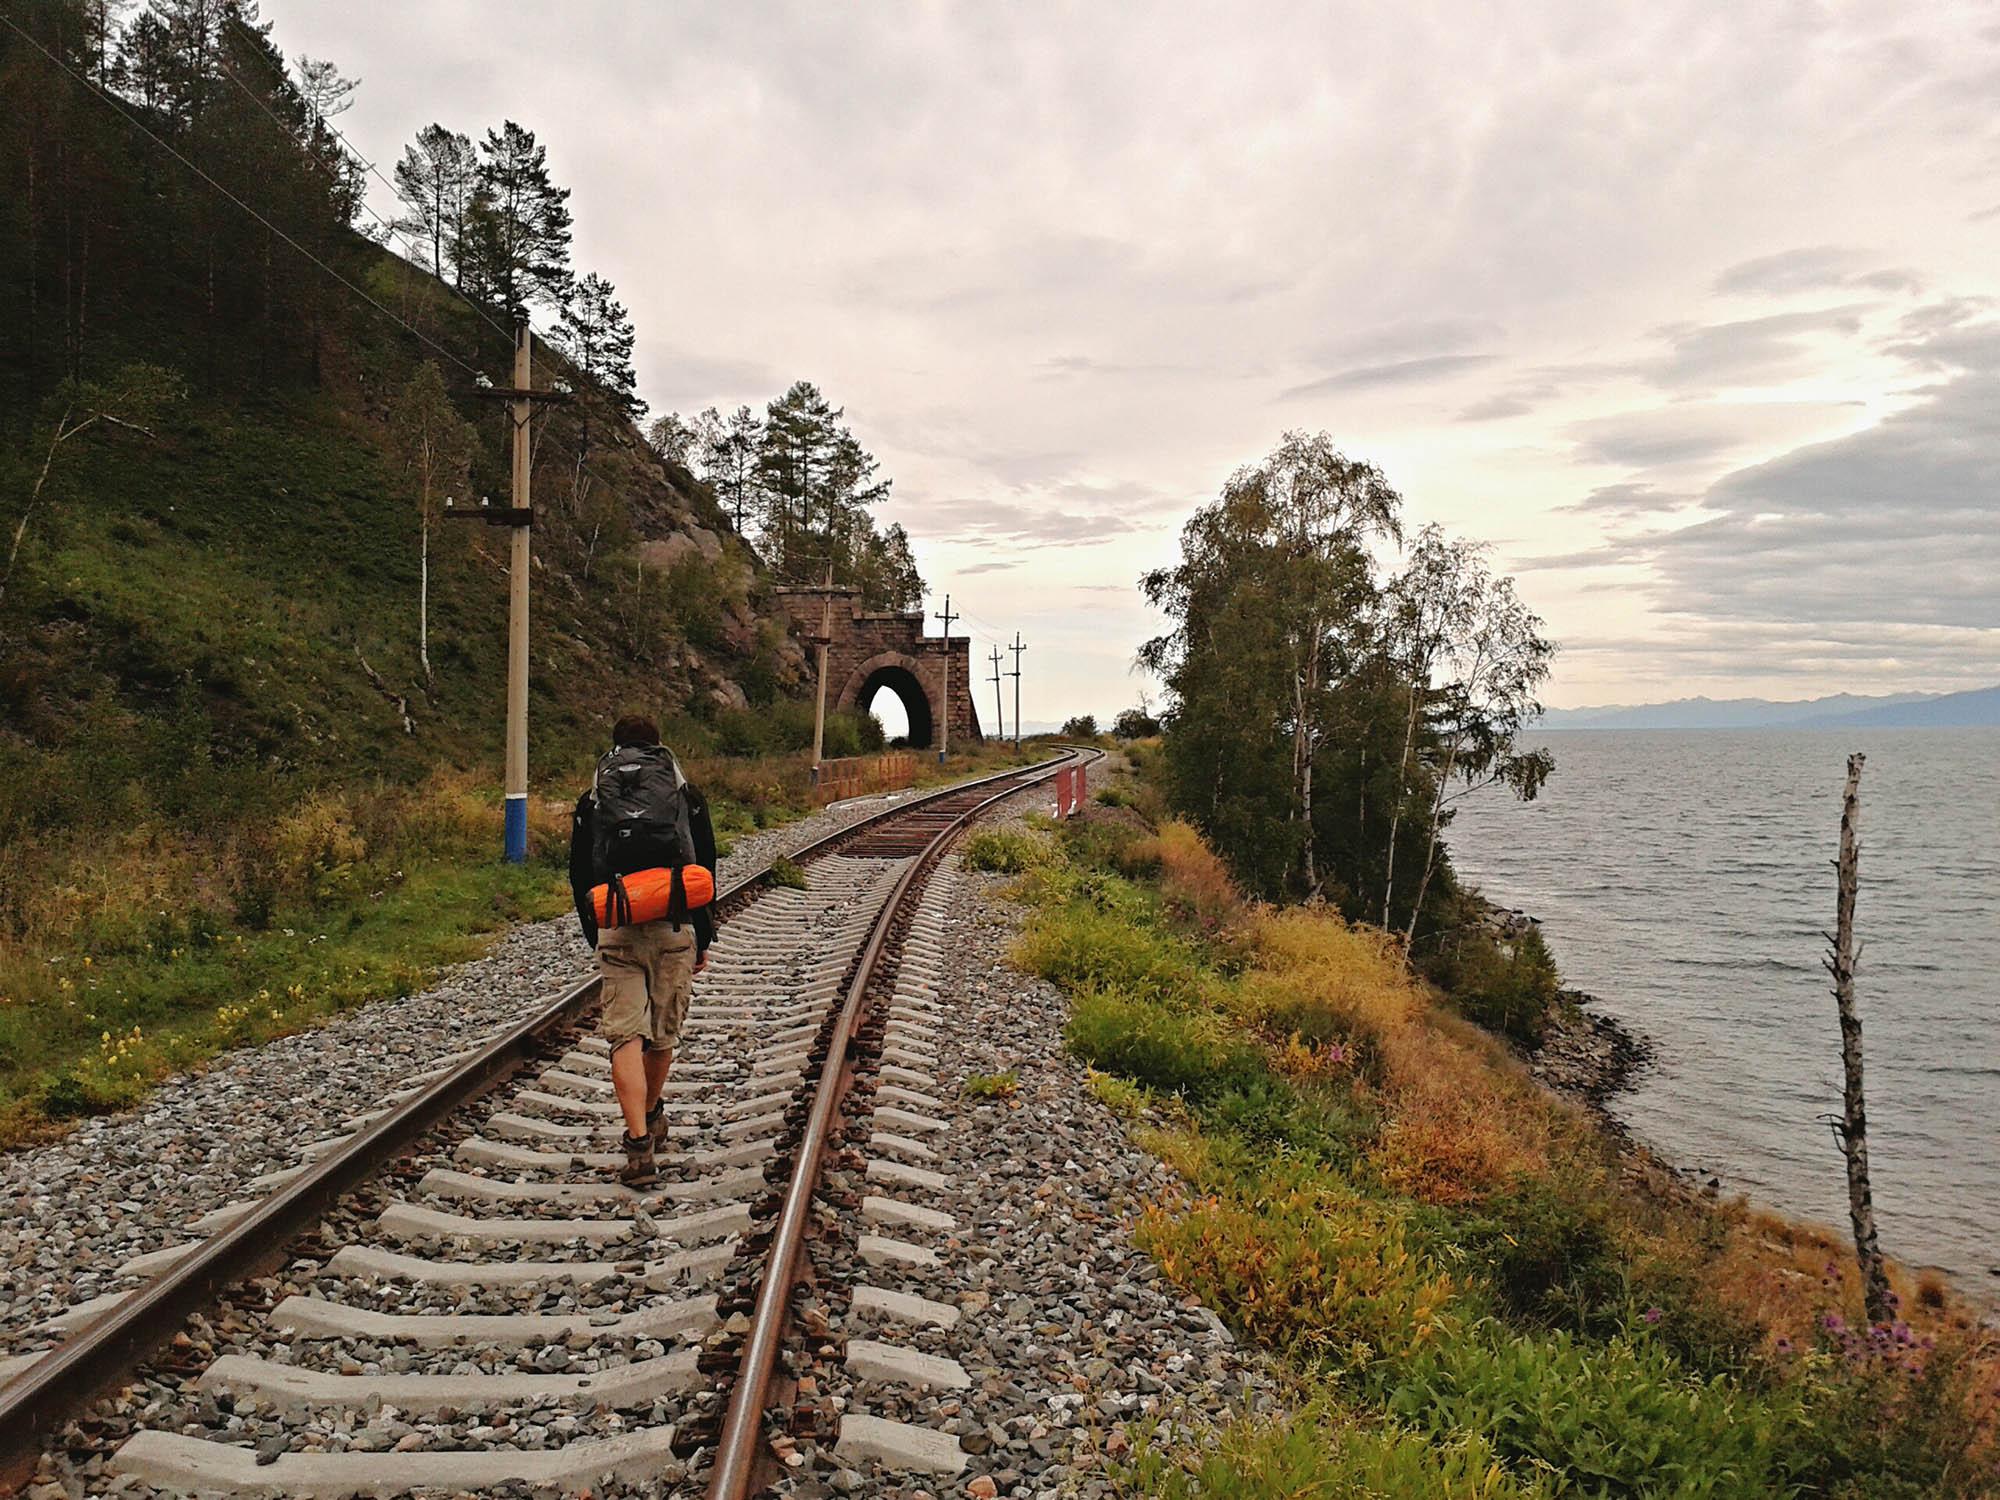 Кругобайкальская железная дорога — инженерное произведение искусства. По ней можно пройти пешком, а можно проехать на поезде